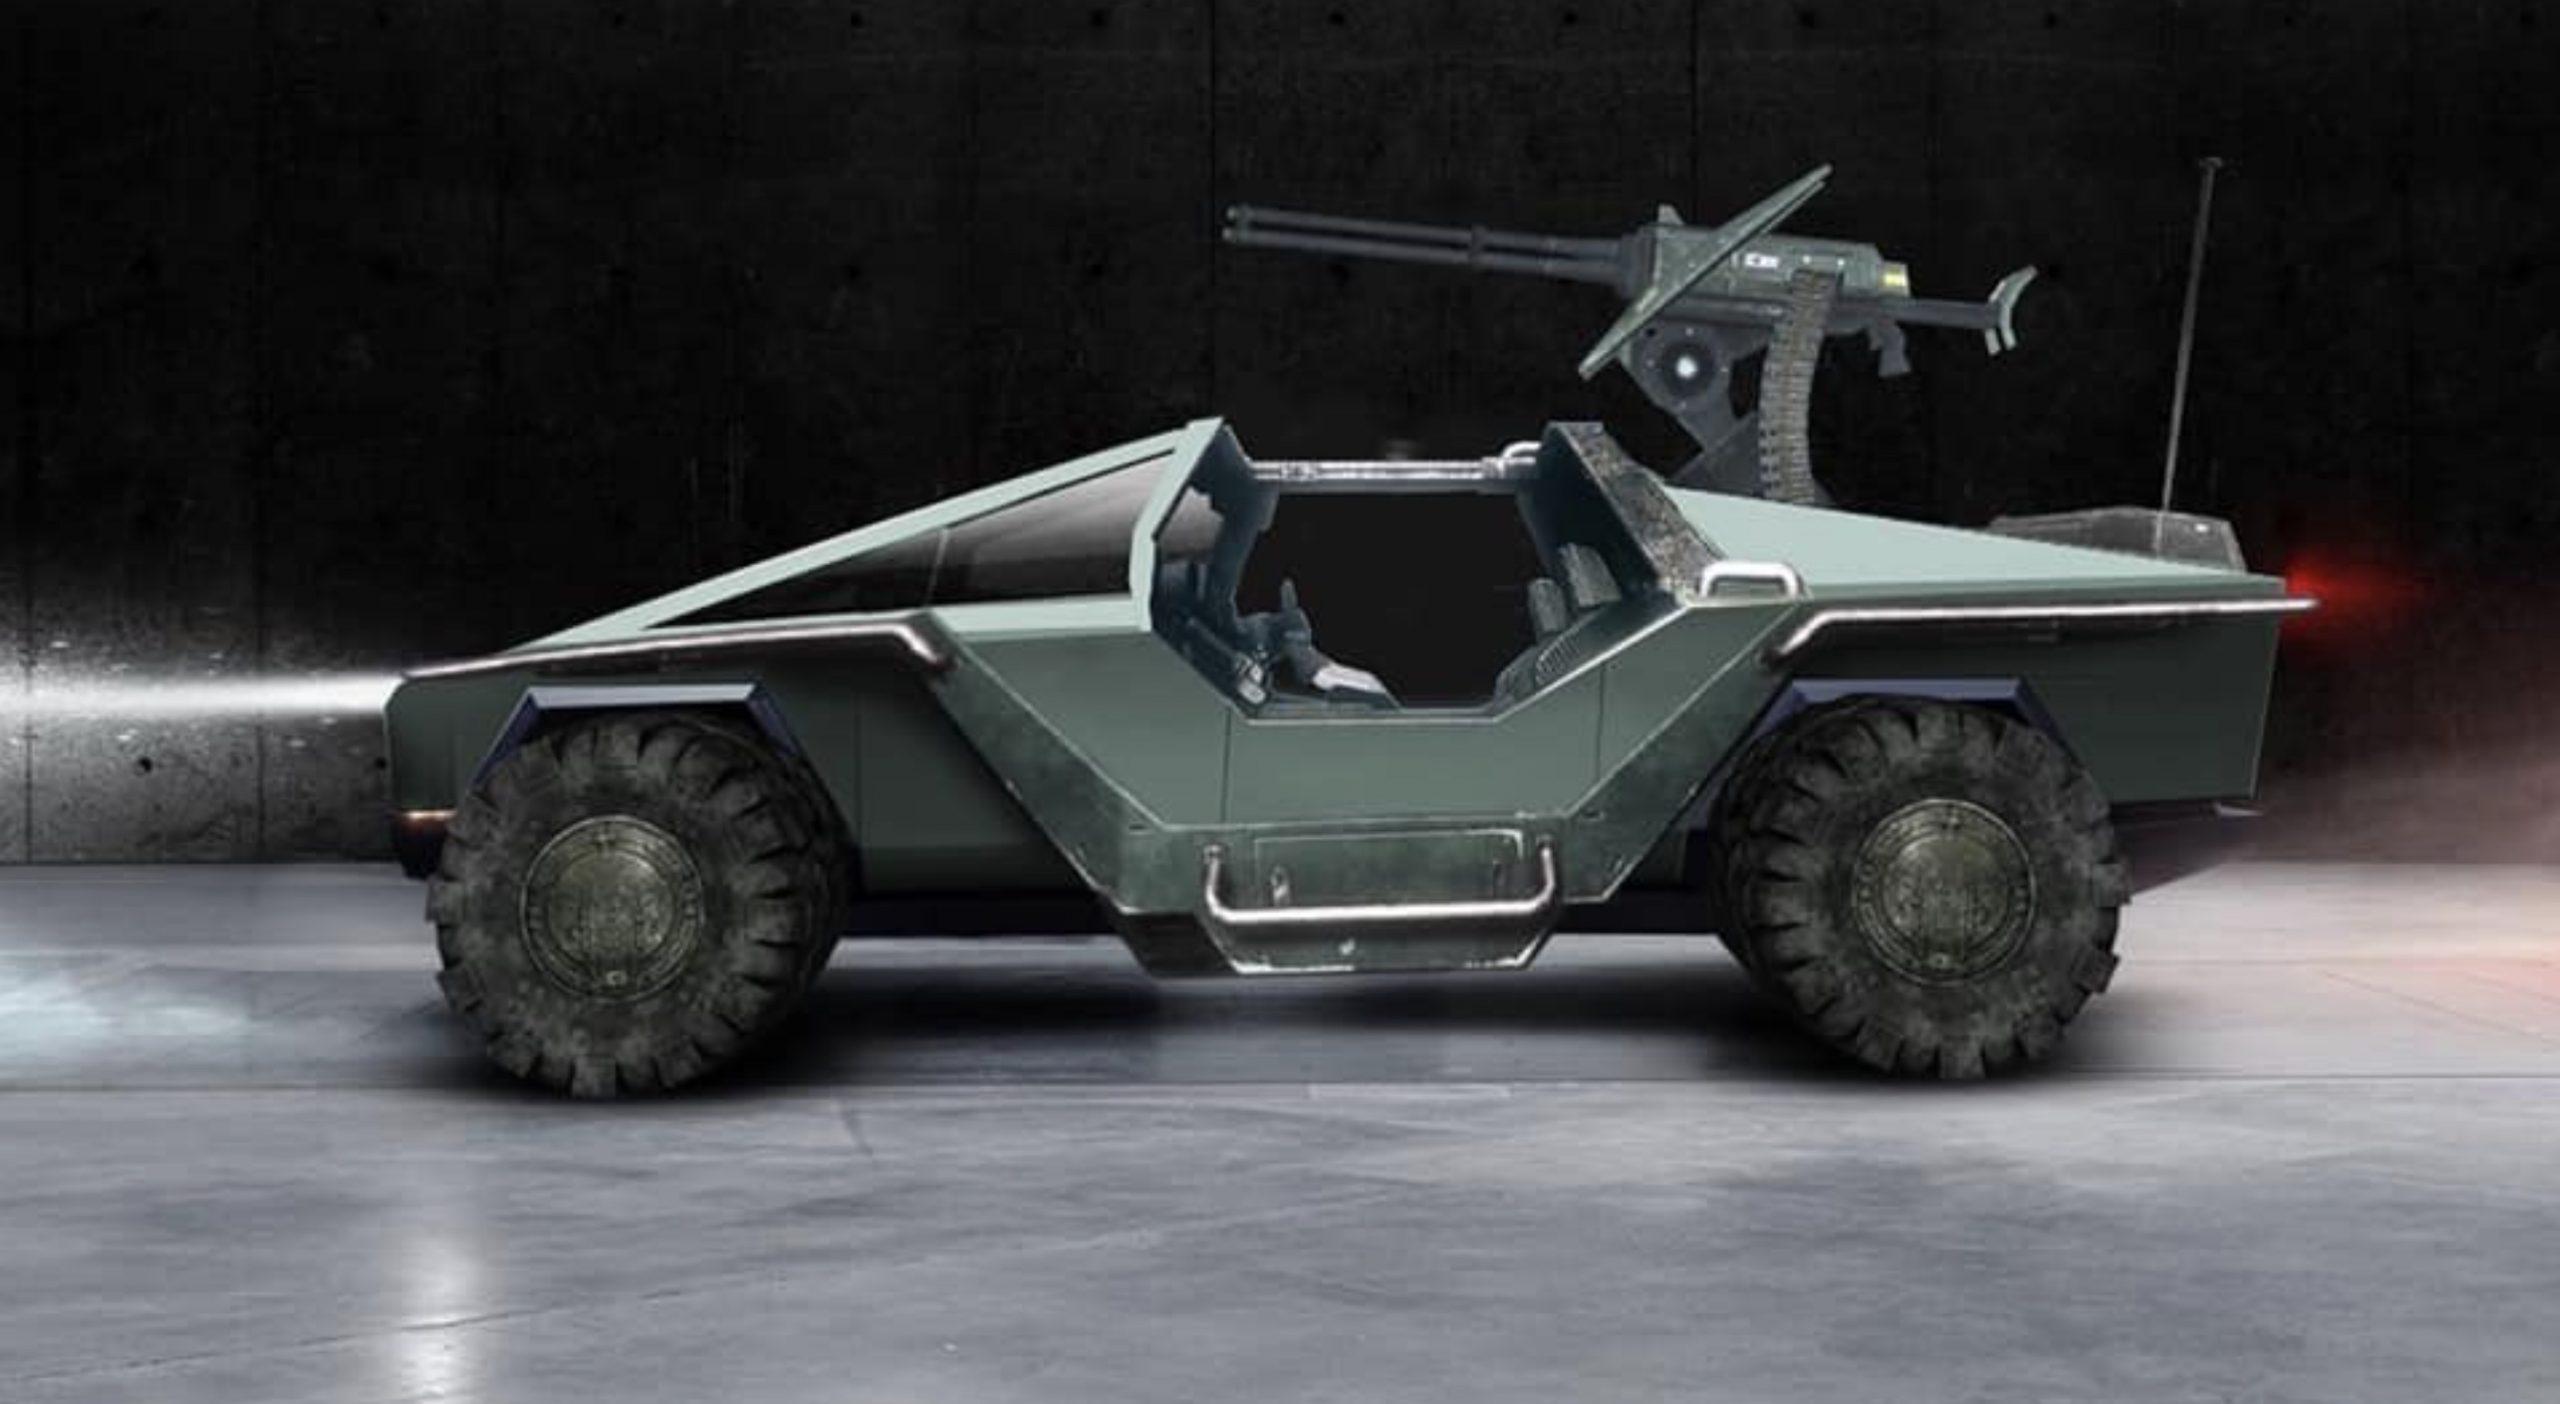 tesla-cybertruck-xbox-halo-warthog